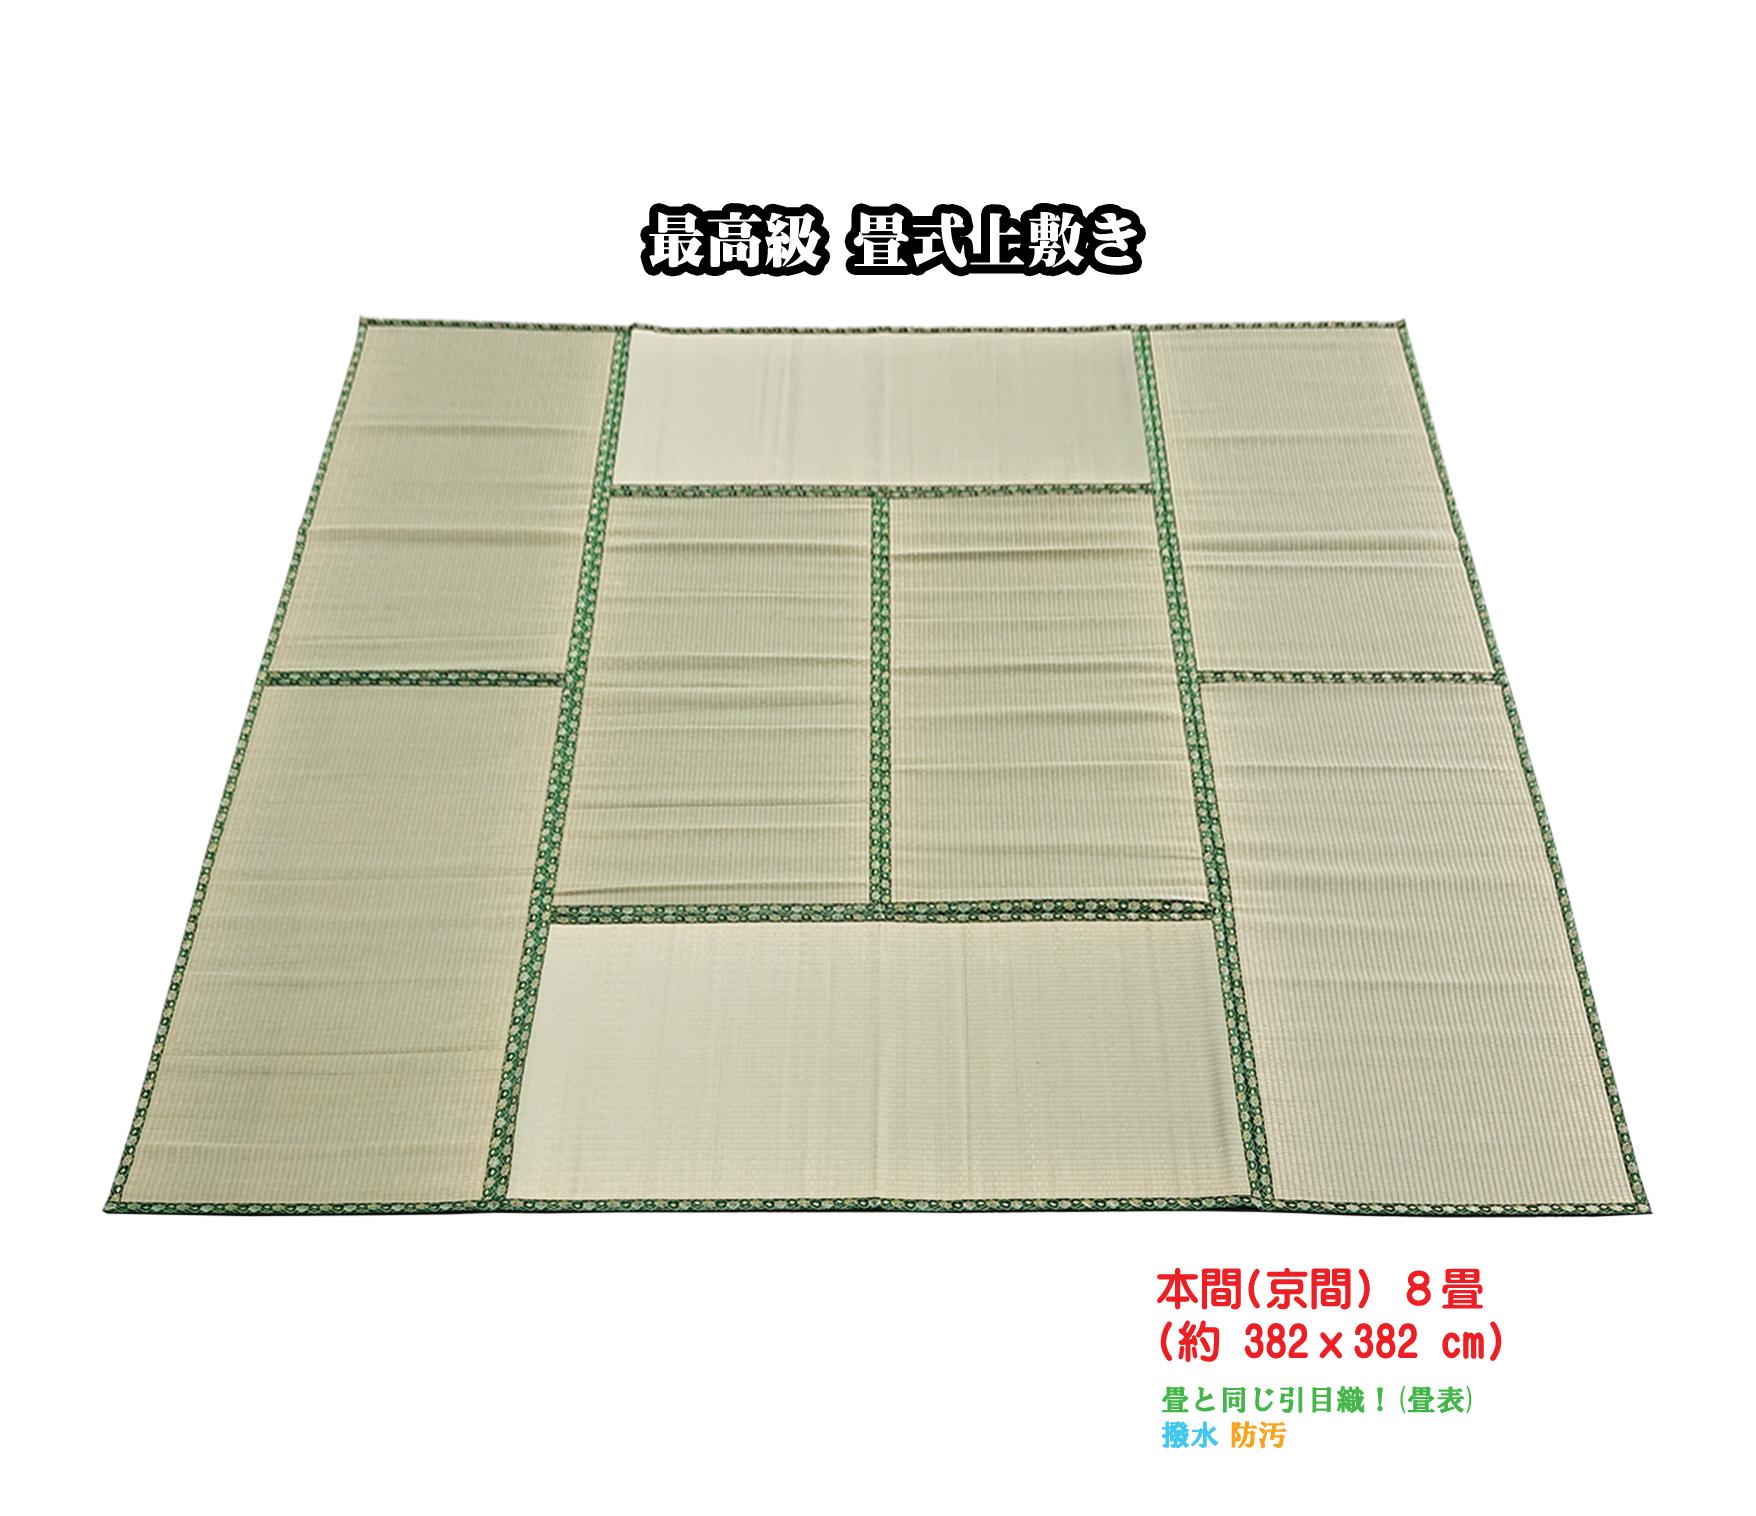 最高級 畳式上敷き(本間/京間) 8畳